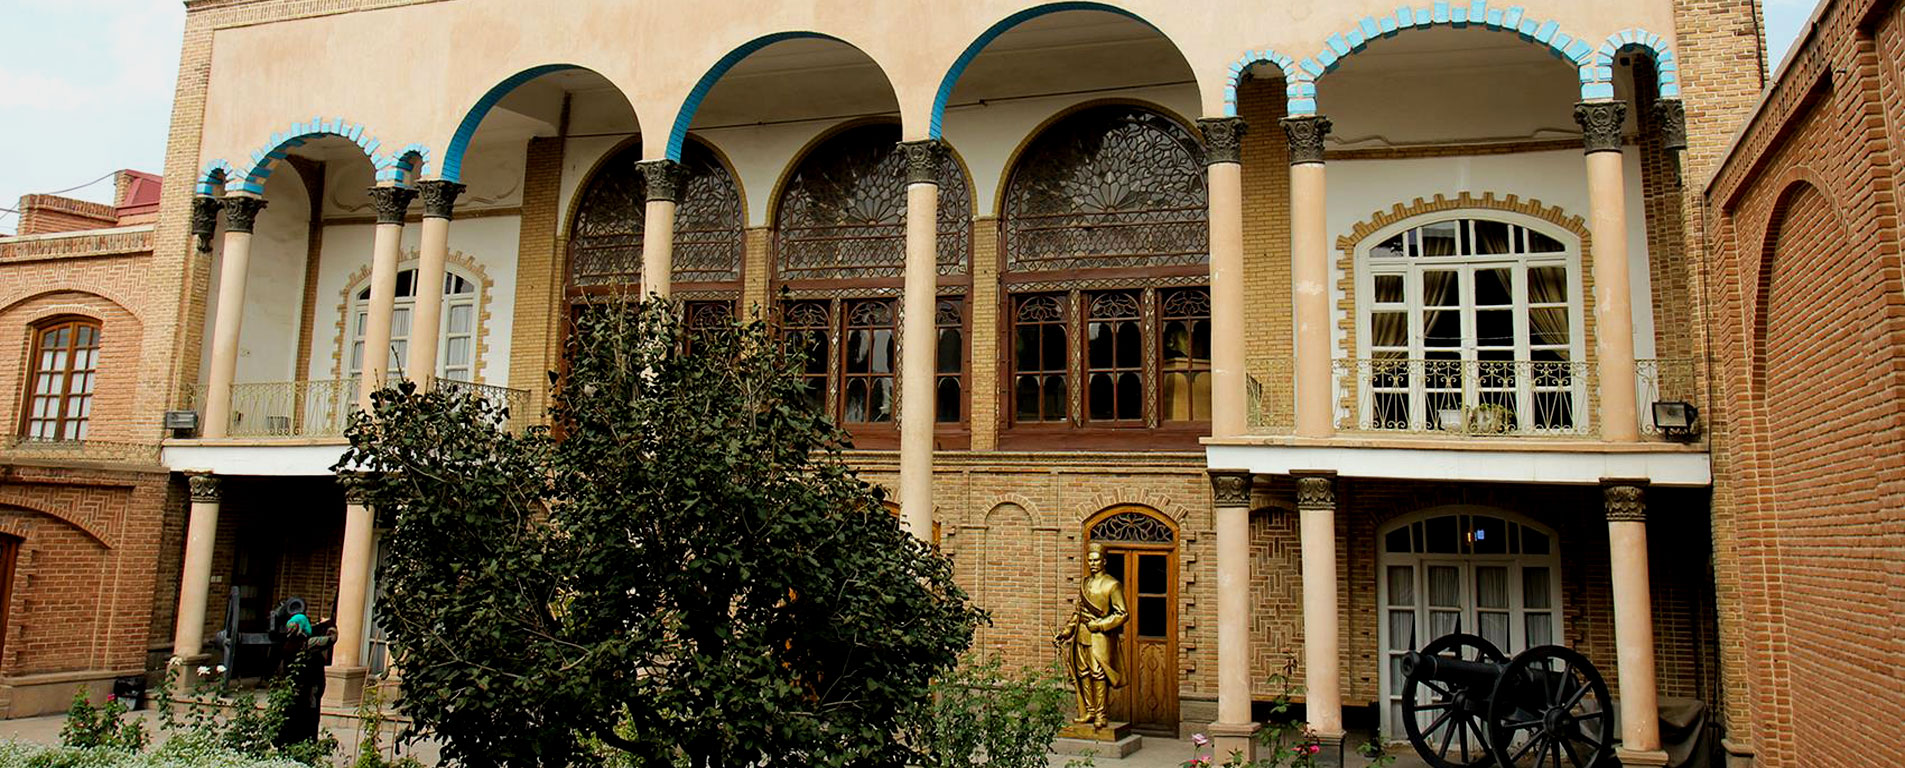 خانه مشروطه تبریز ، یادگاری از زمان ستارخان و باقرخان